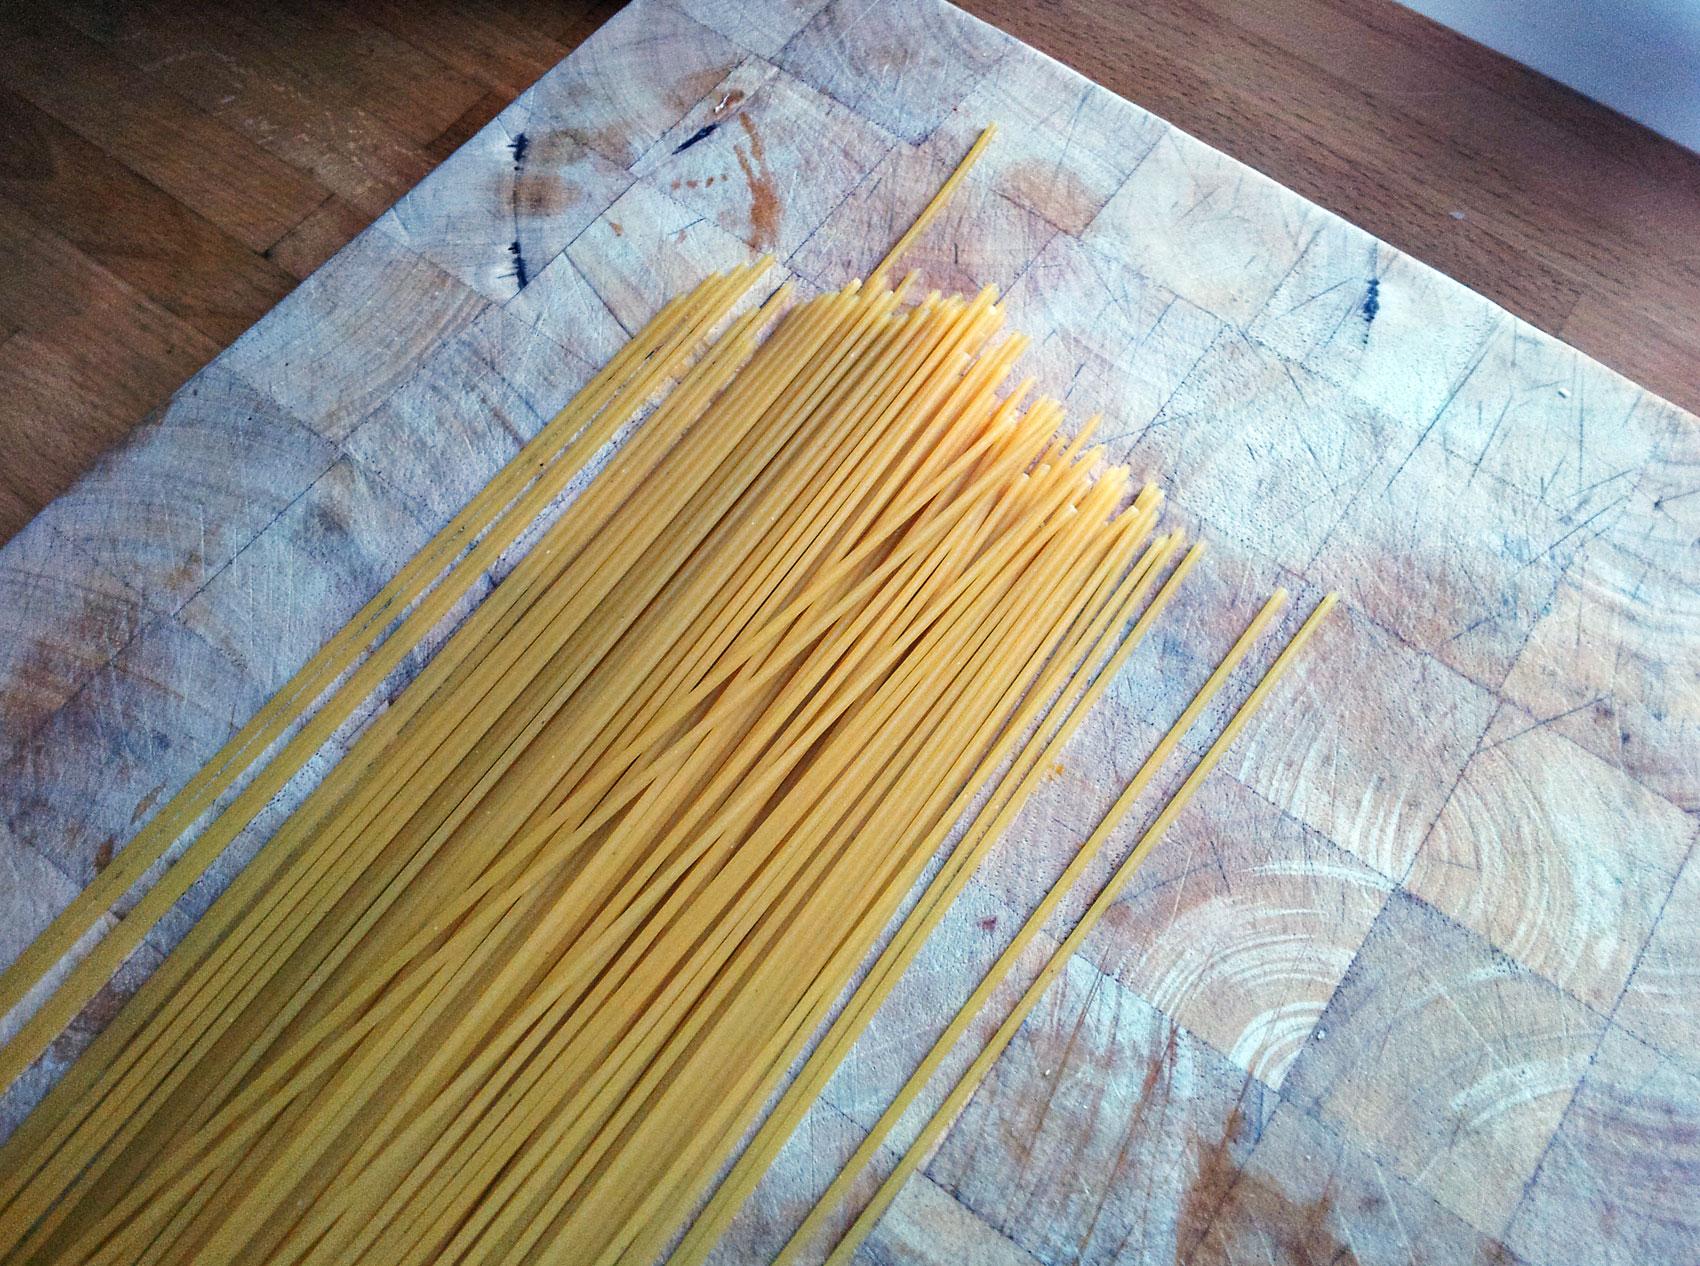 Spaghetti with Mackerel